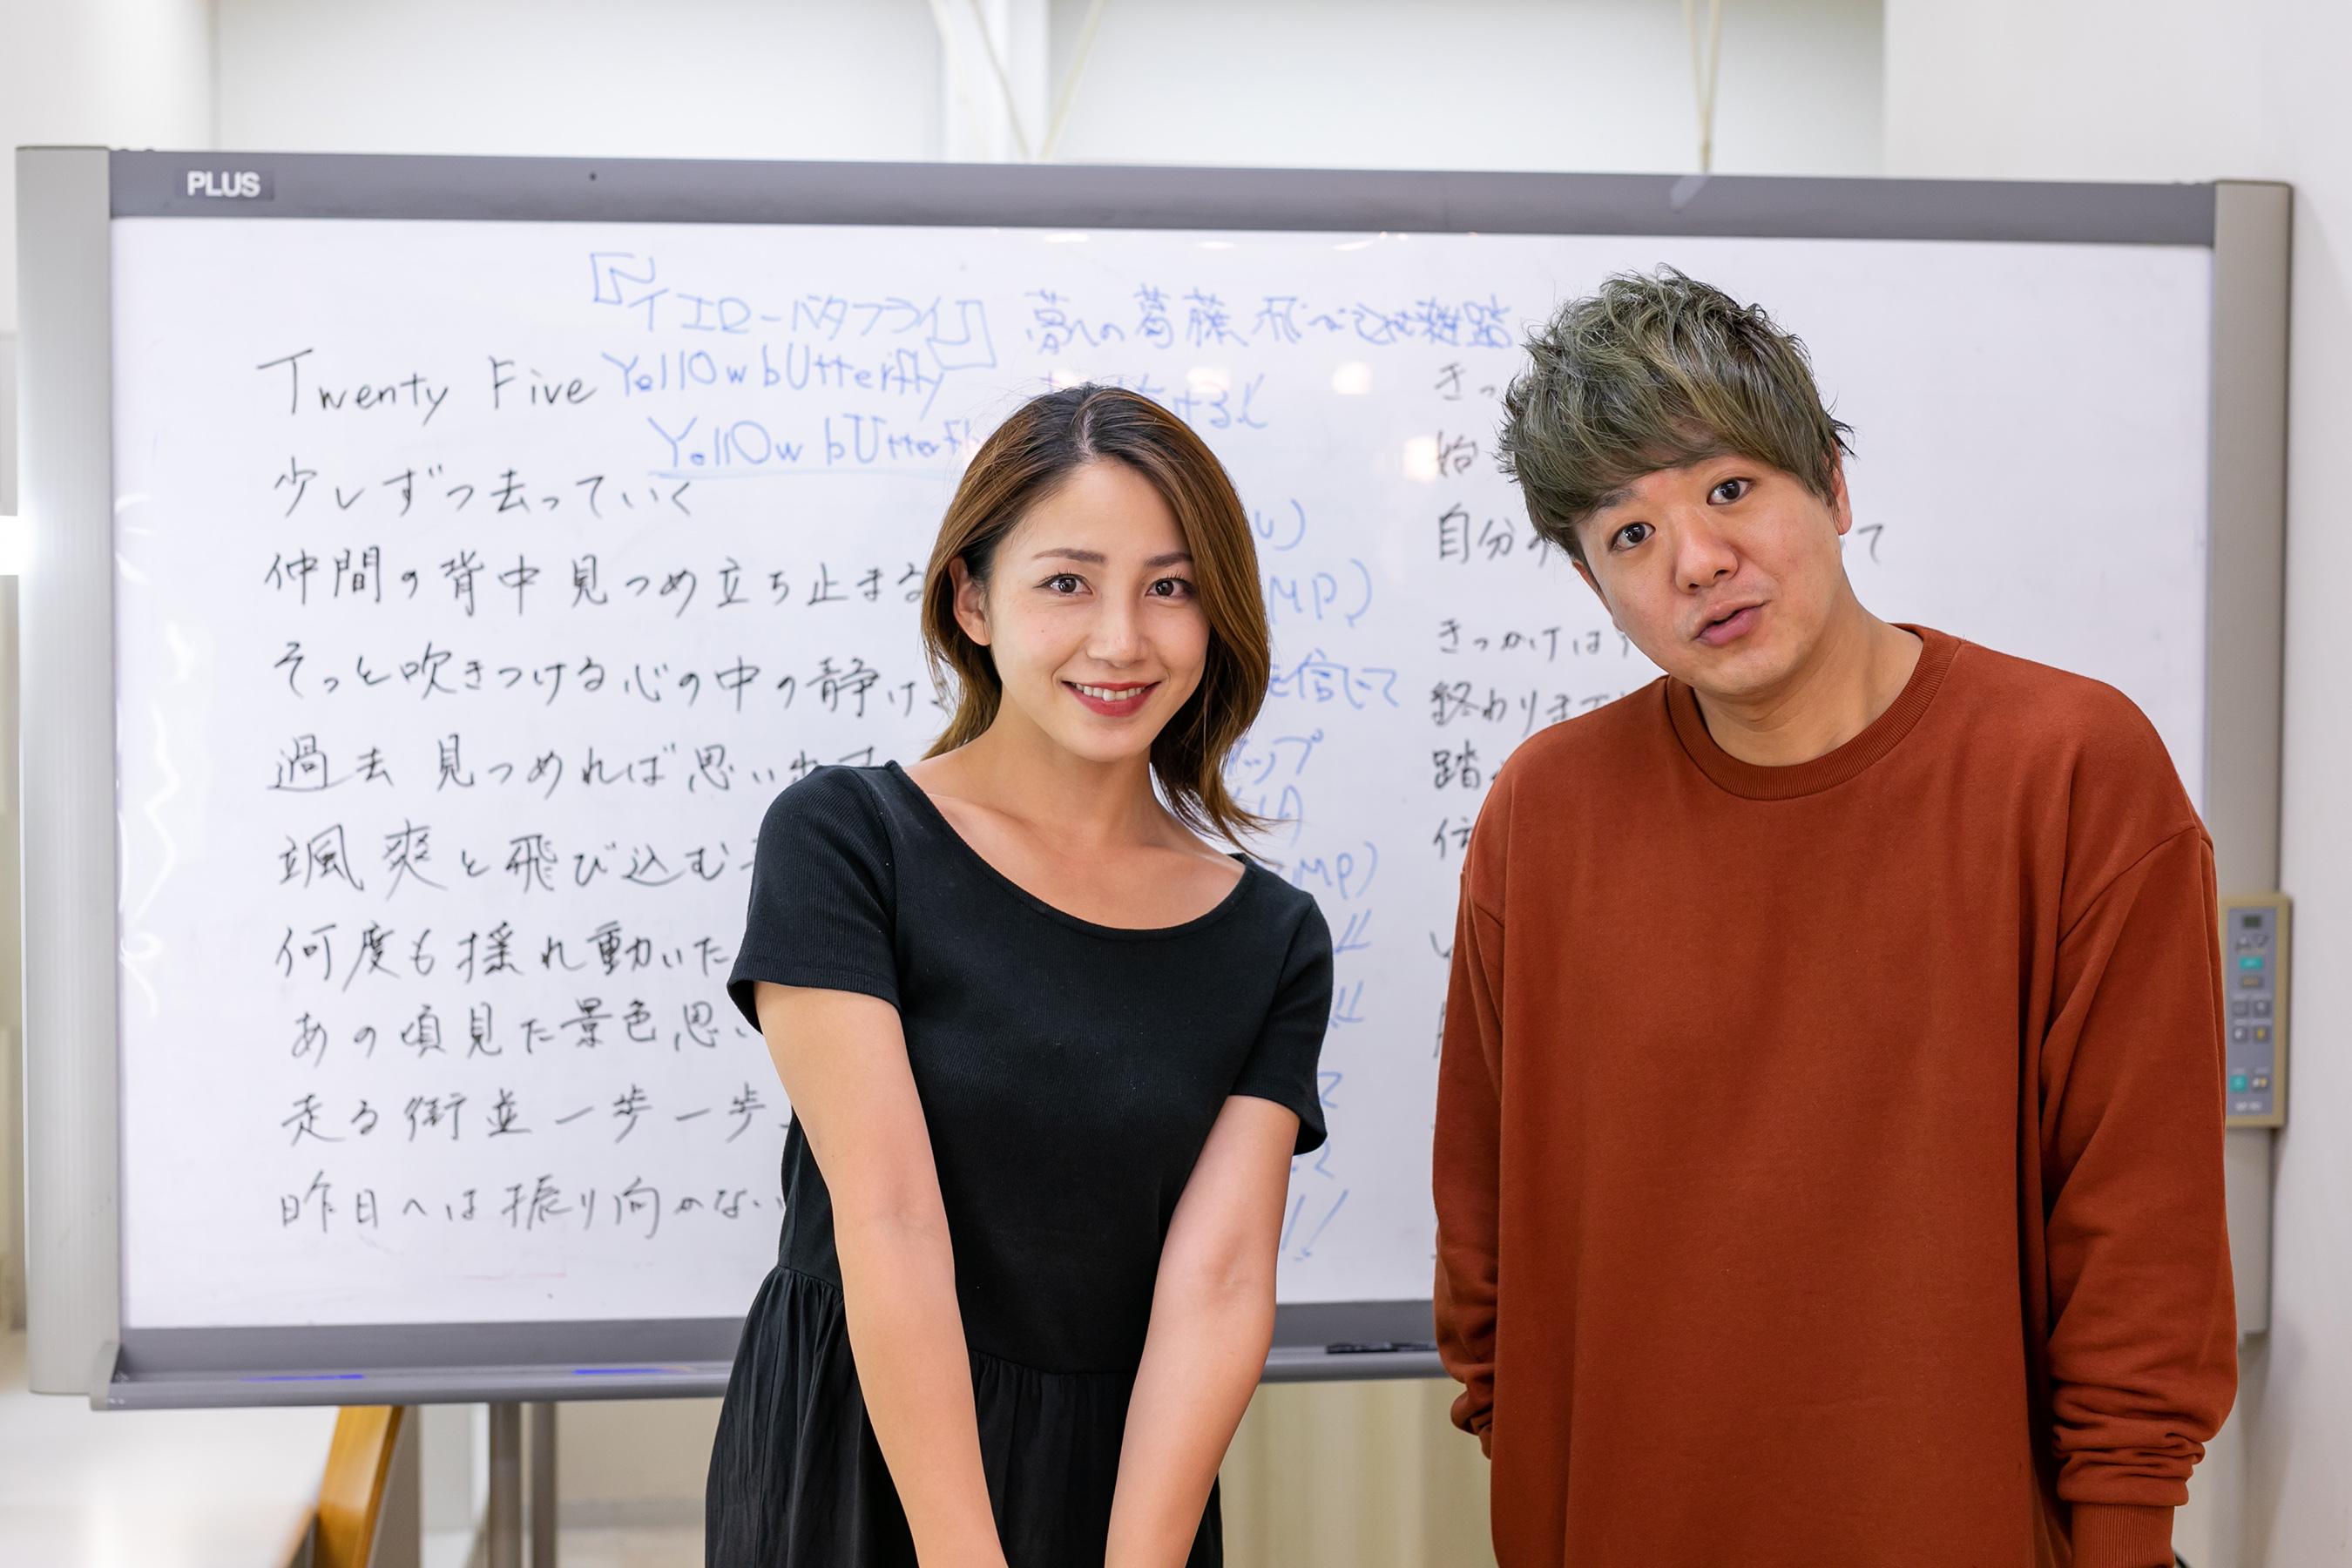 吉川友とサカノウエヨースケ